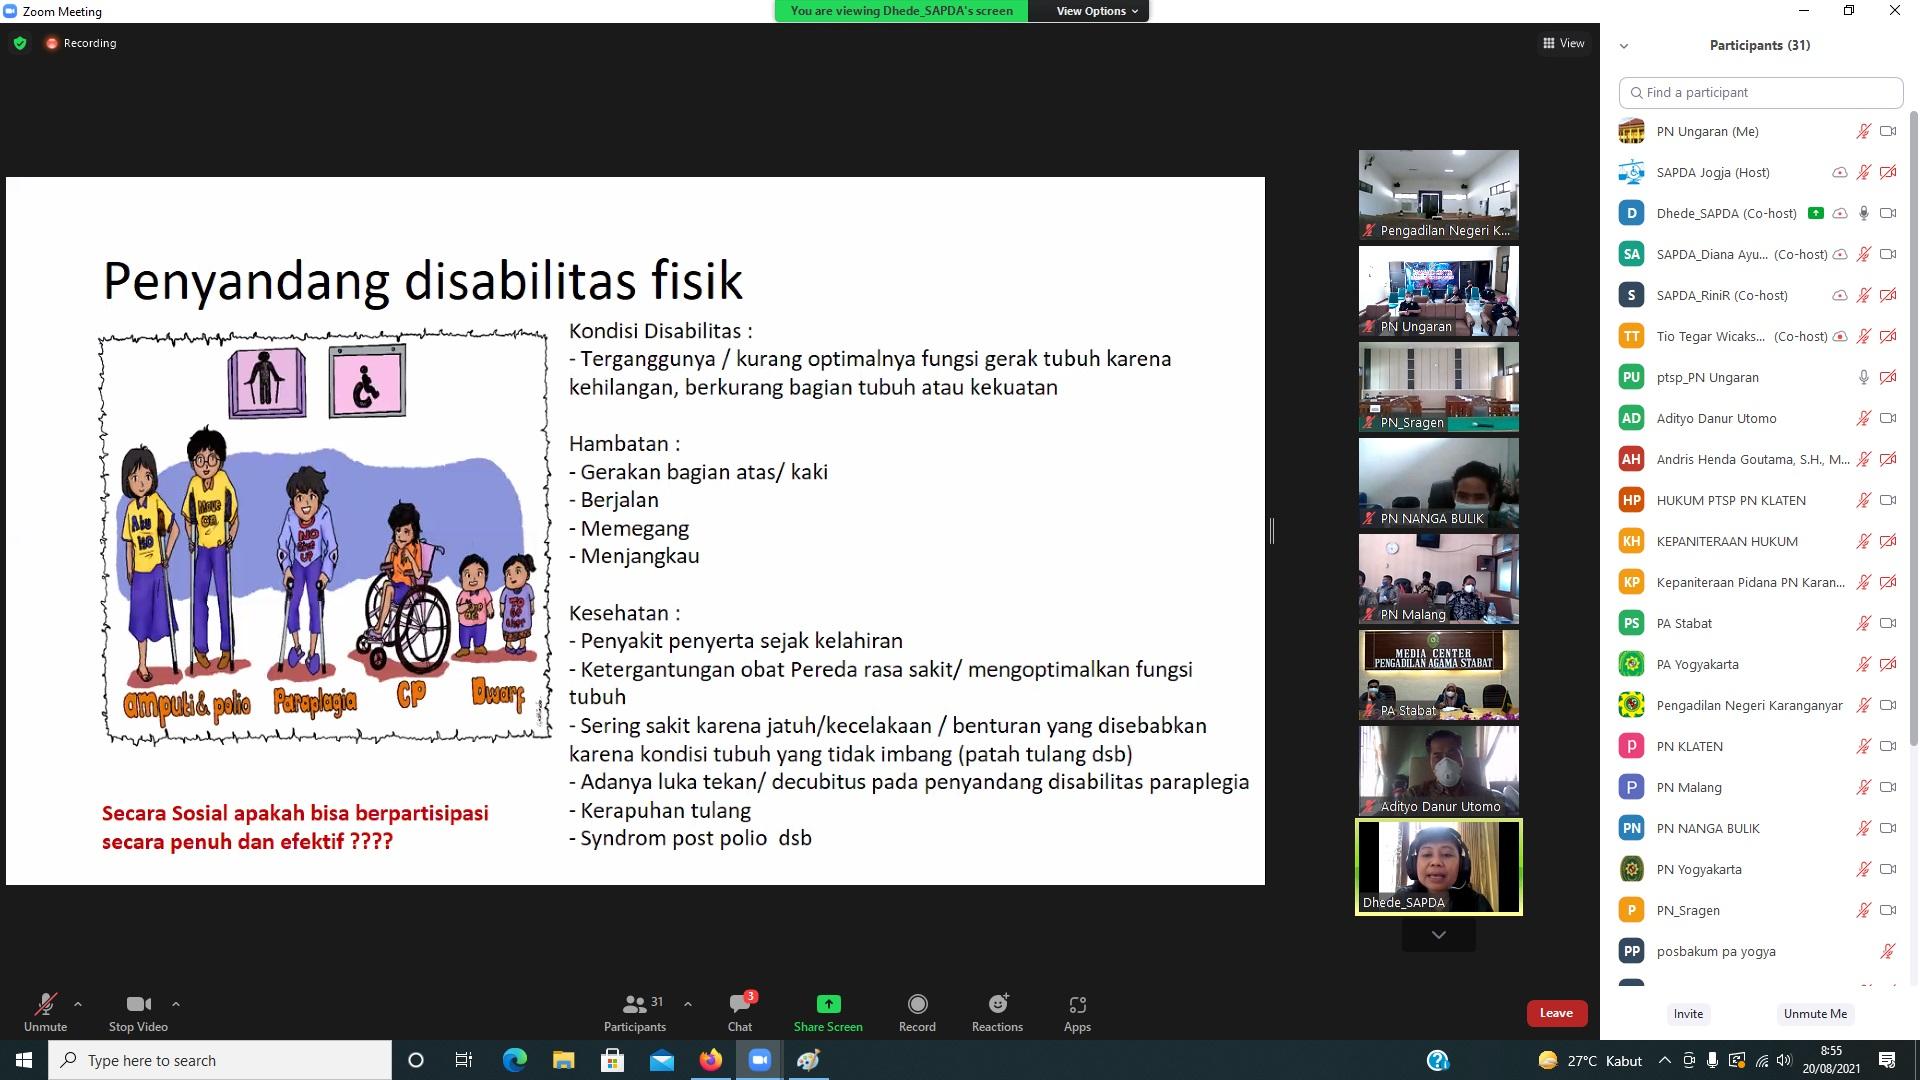 Pelatihan Mengenal Kebutuhan Khusus dan Cara Berinteraksi dengan Disabilitas Fisik